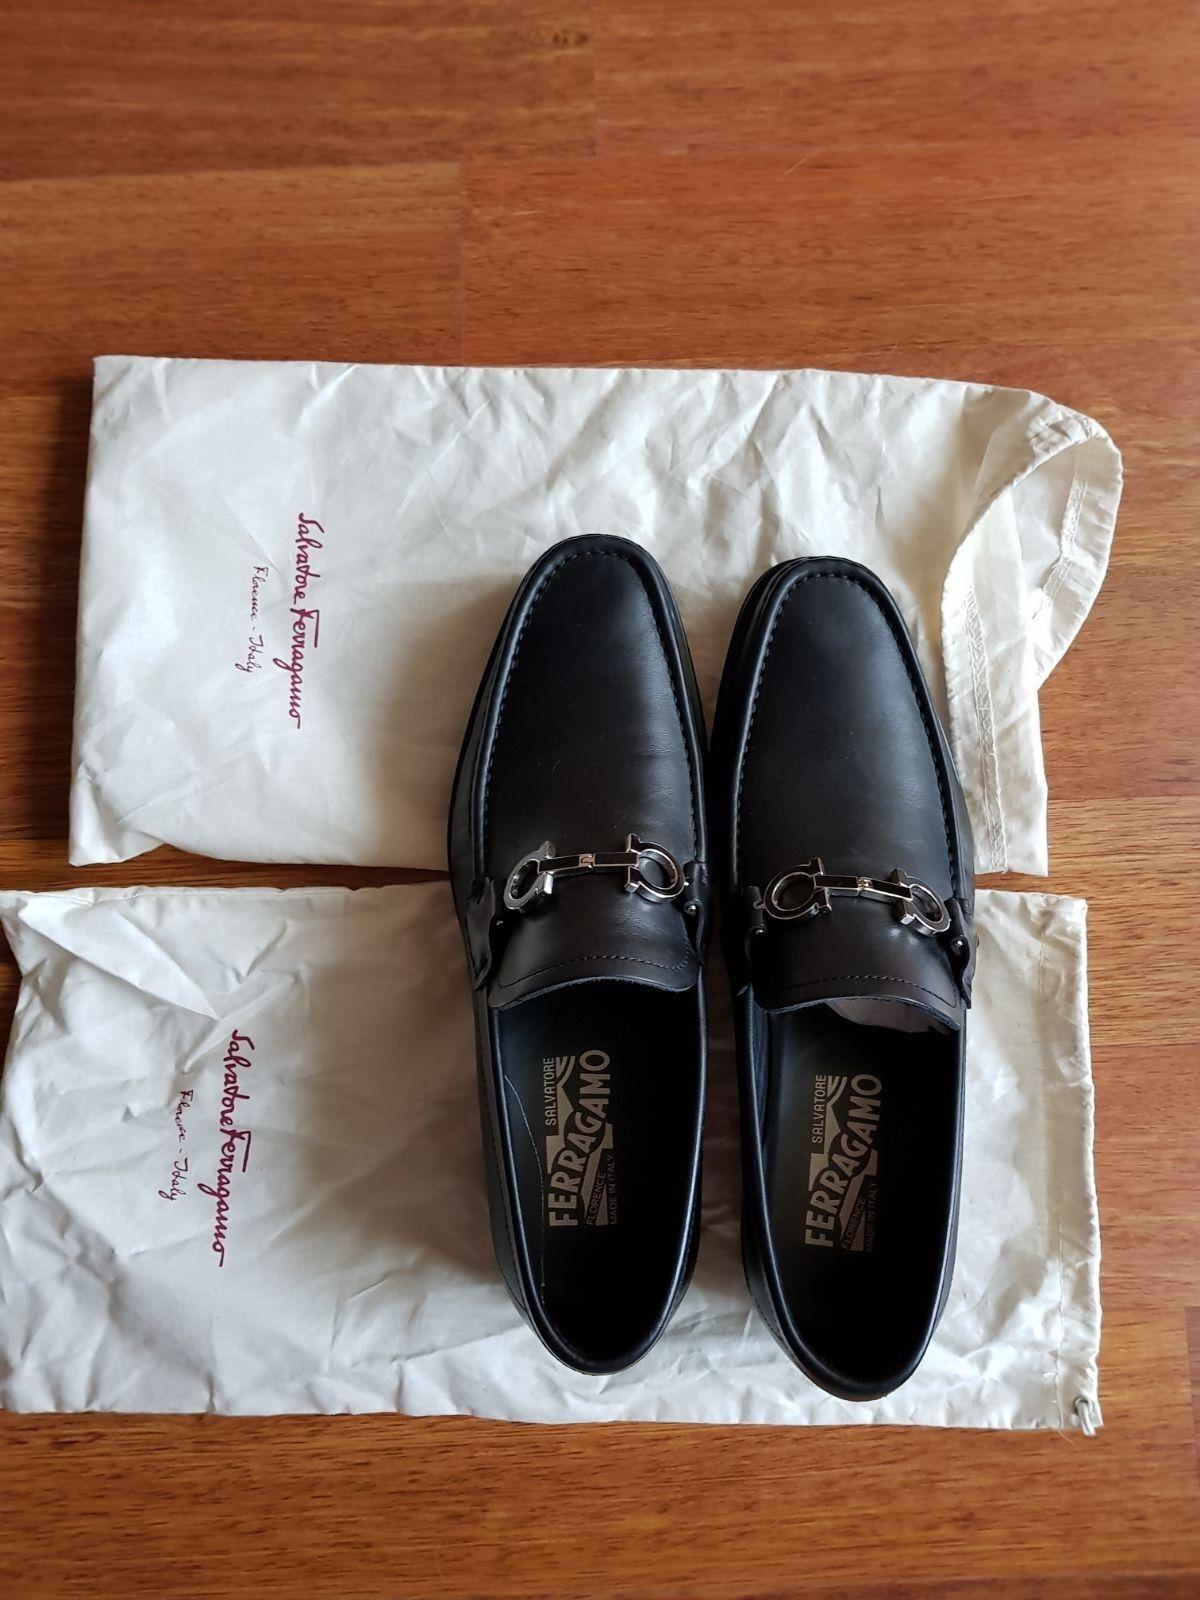 Original salvatore salvatore salvatore ferragamo Men zapatos 42 tamaño Color negro  estilo clásico